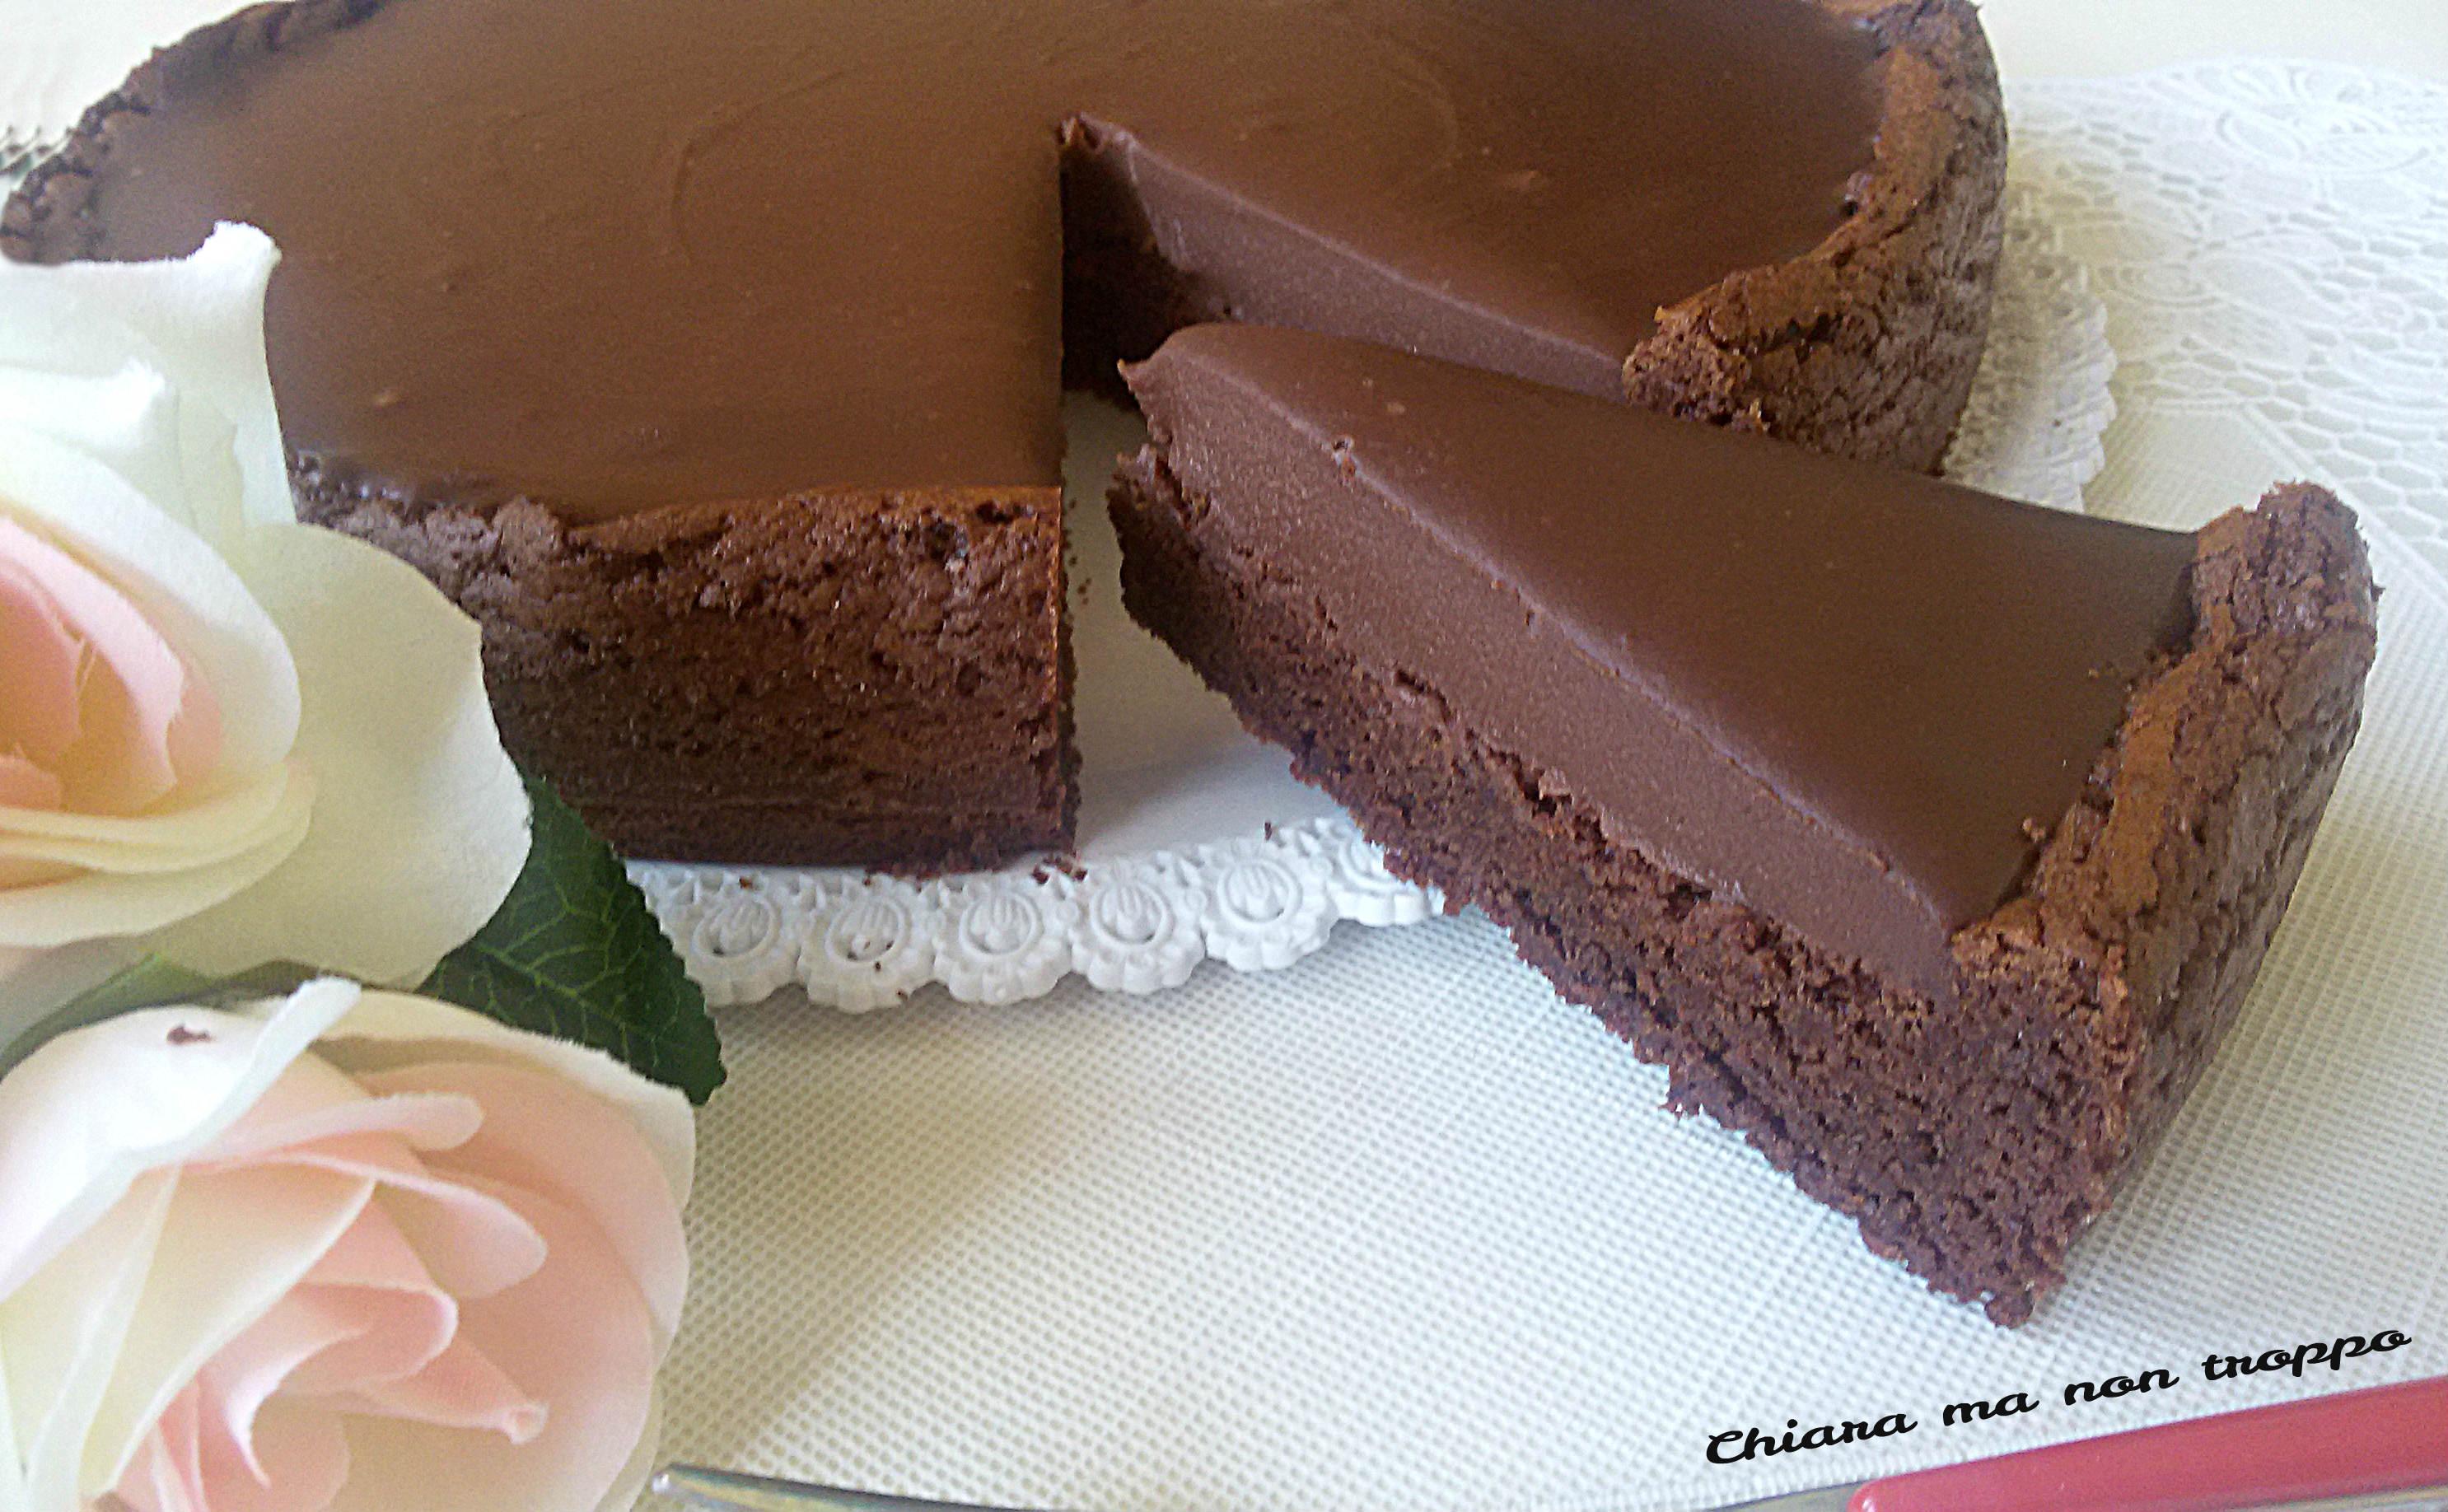 Ricette Torta Al Cioccolato Veloce.Torta Al Cioccolato Golosa Ricetta Semplice E Veloce Chiara Ma Non Troppo